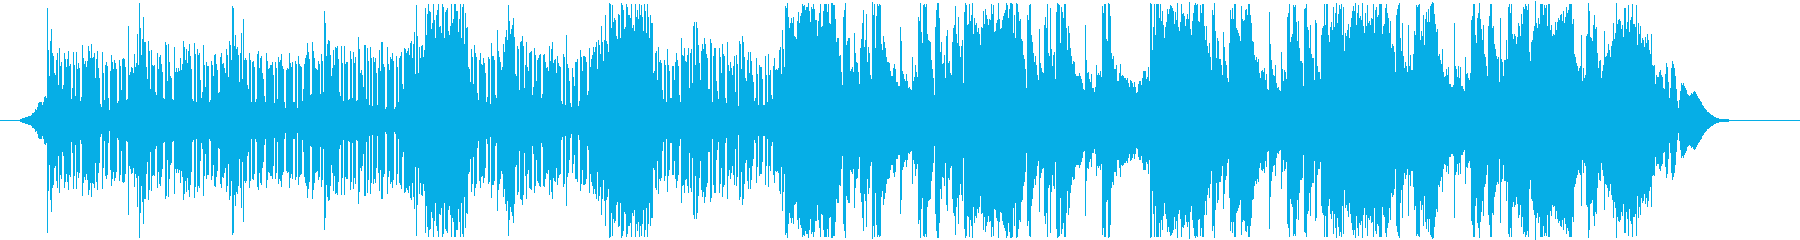 ハリウッド風トレイラー リズム主体07の再生済みの波形